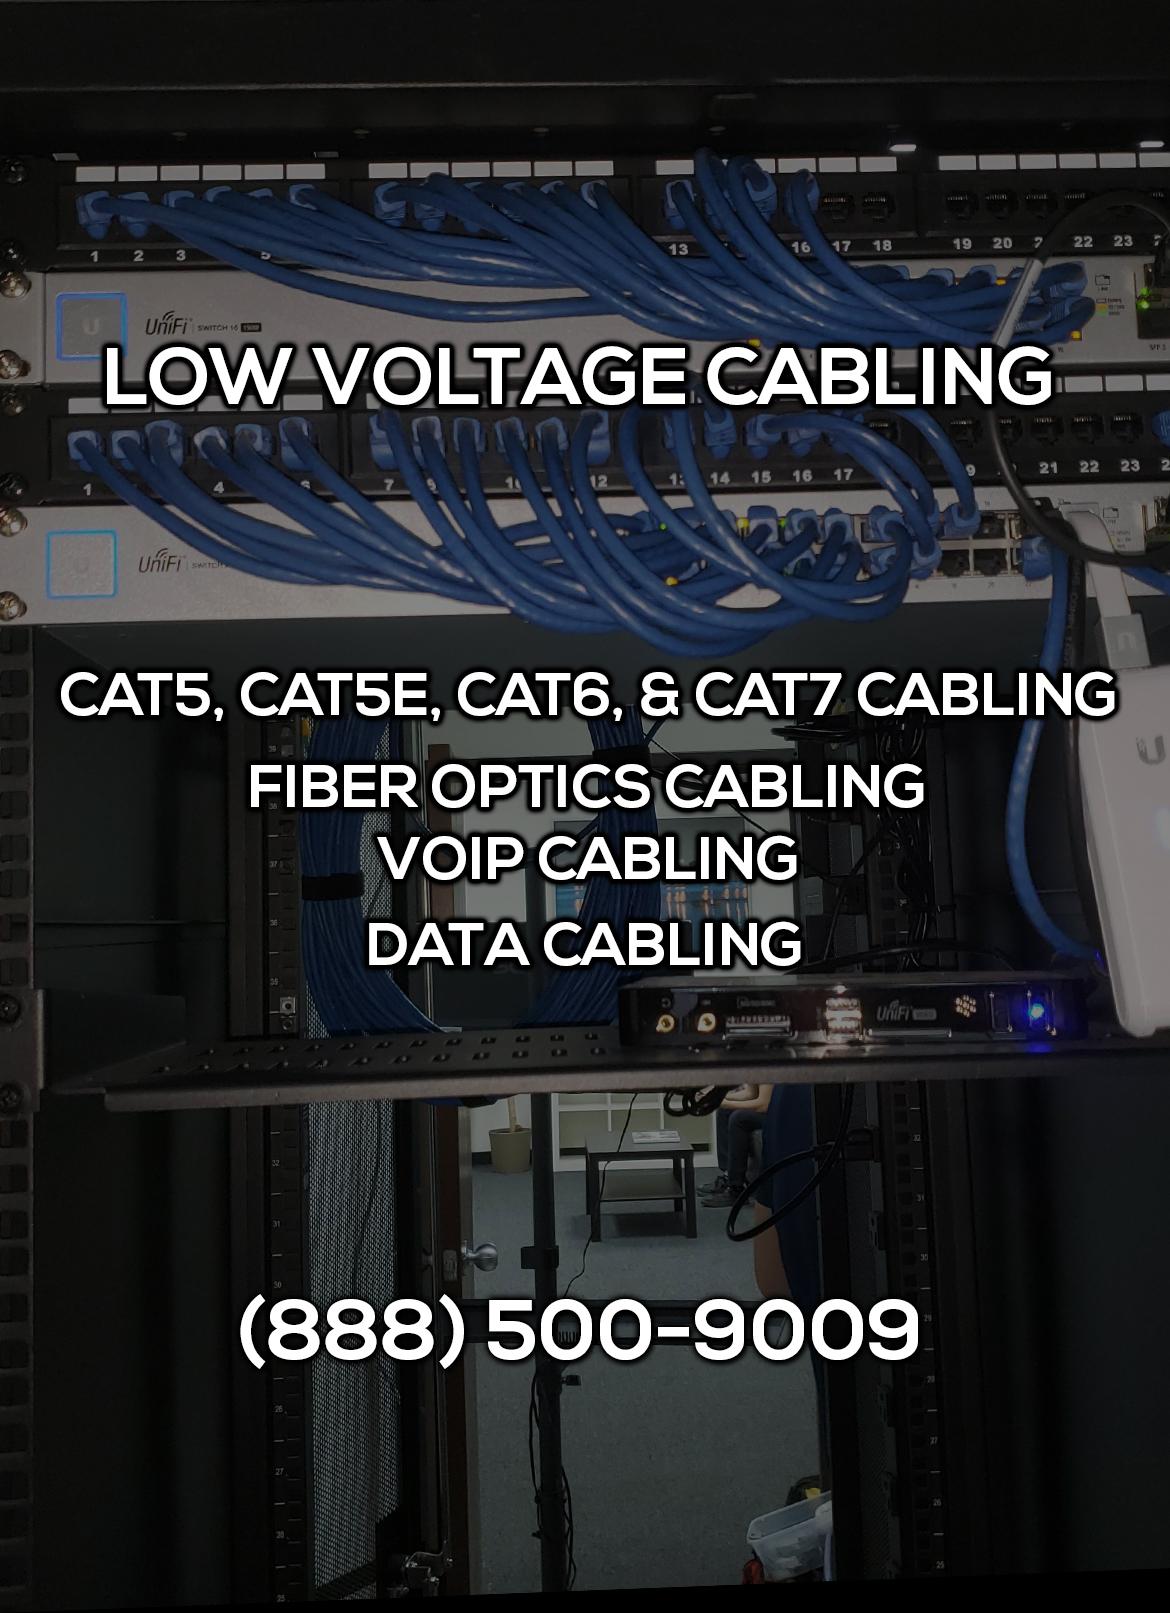 Low Voltage Cabling in Orange